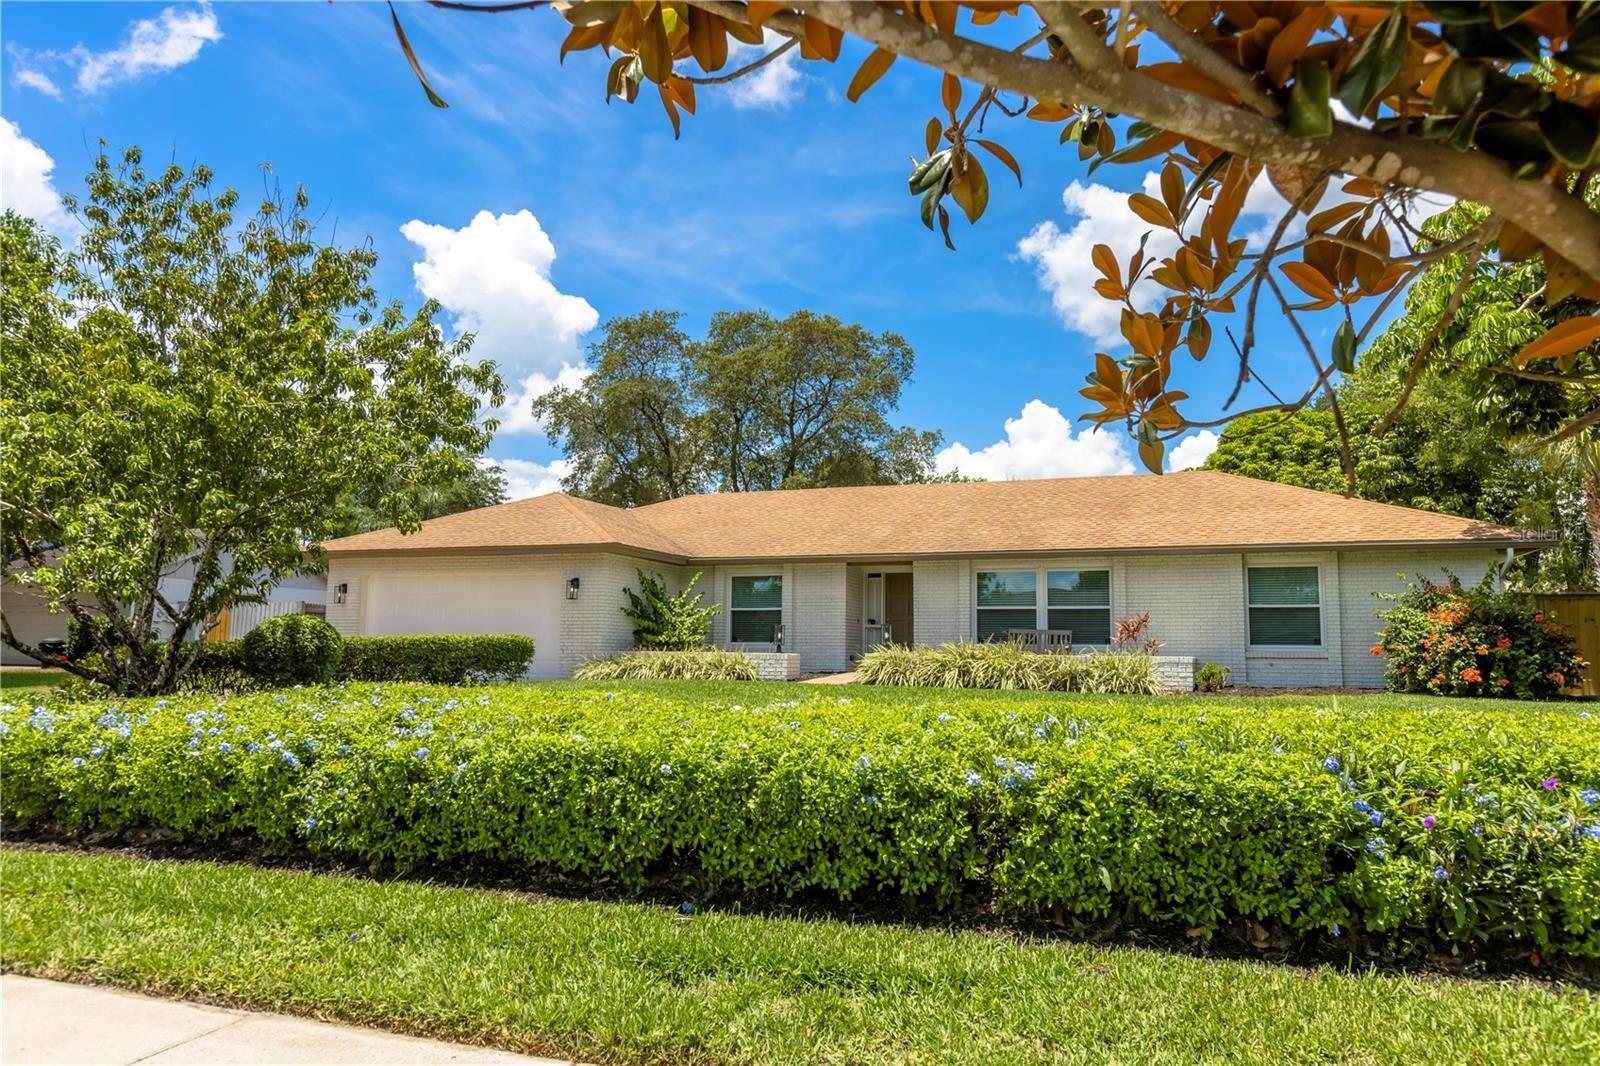 5026 HIDDEN SPRINGS BOULEVARD, Orlando, FL 32819 - #: O5950639